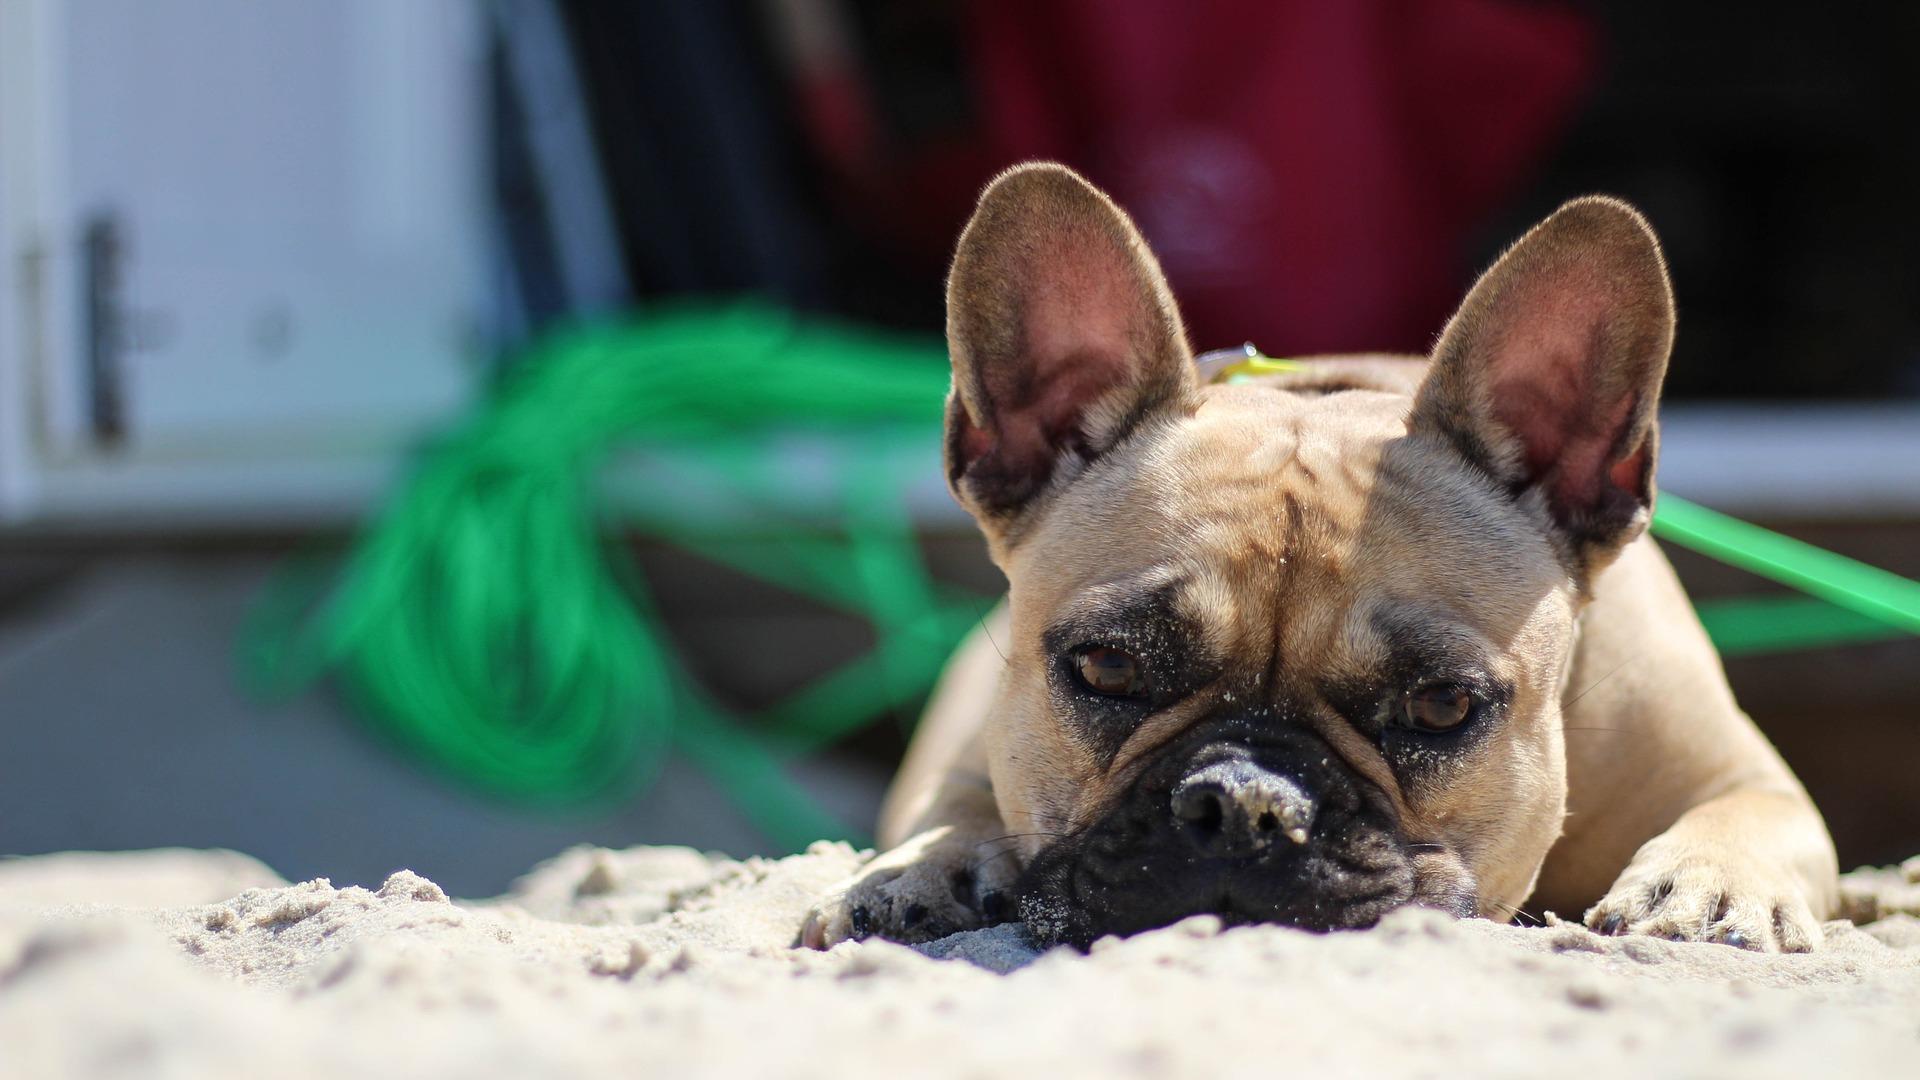 斗牛犬, 沙子, 海滩, 放松, 看看 - 高清壁纸 - 教授-falken.com